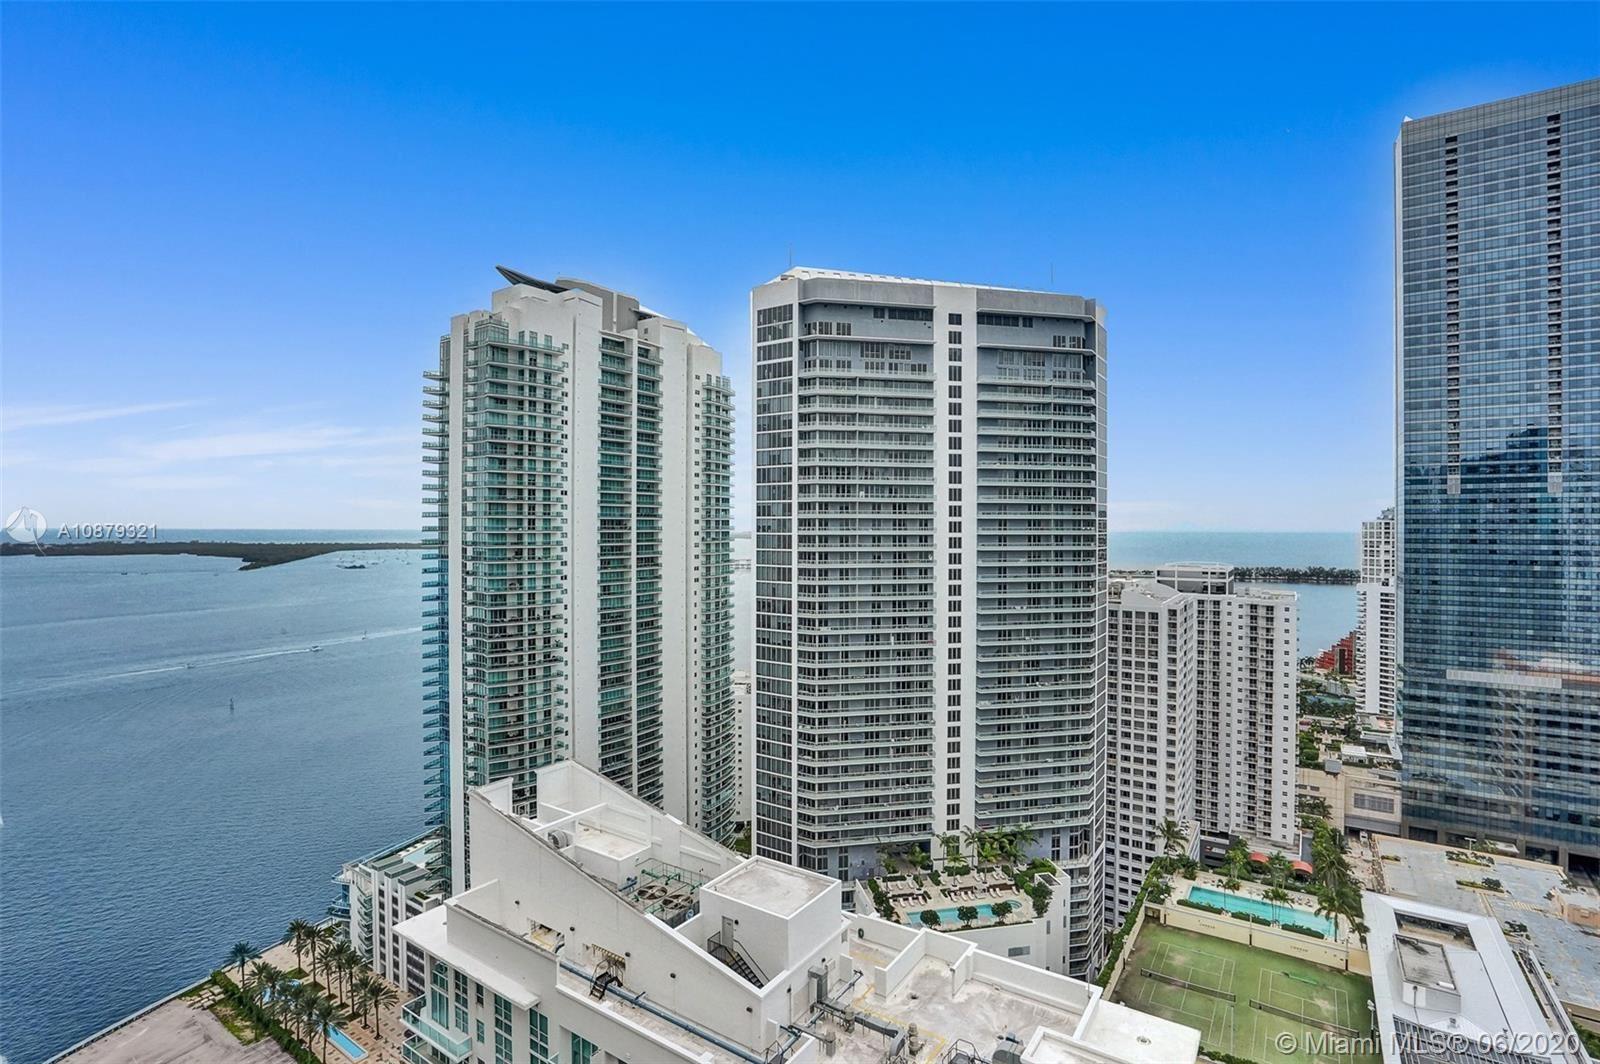 1200 Brickell Bay Dr #3919, Miami, FL 33131 - #: A10879321